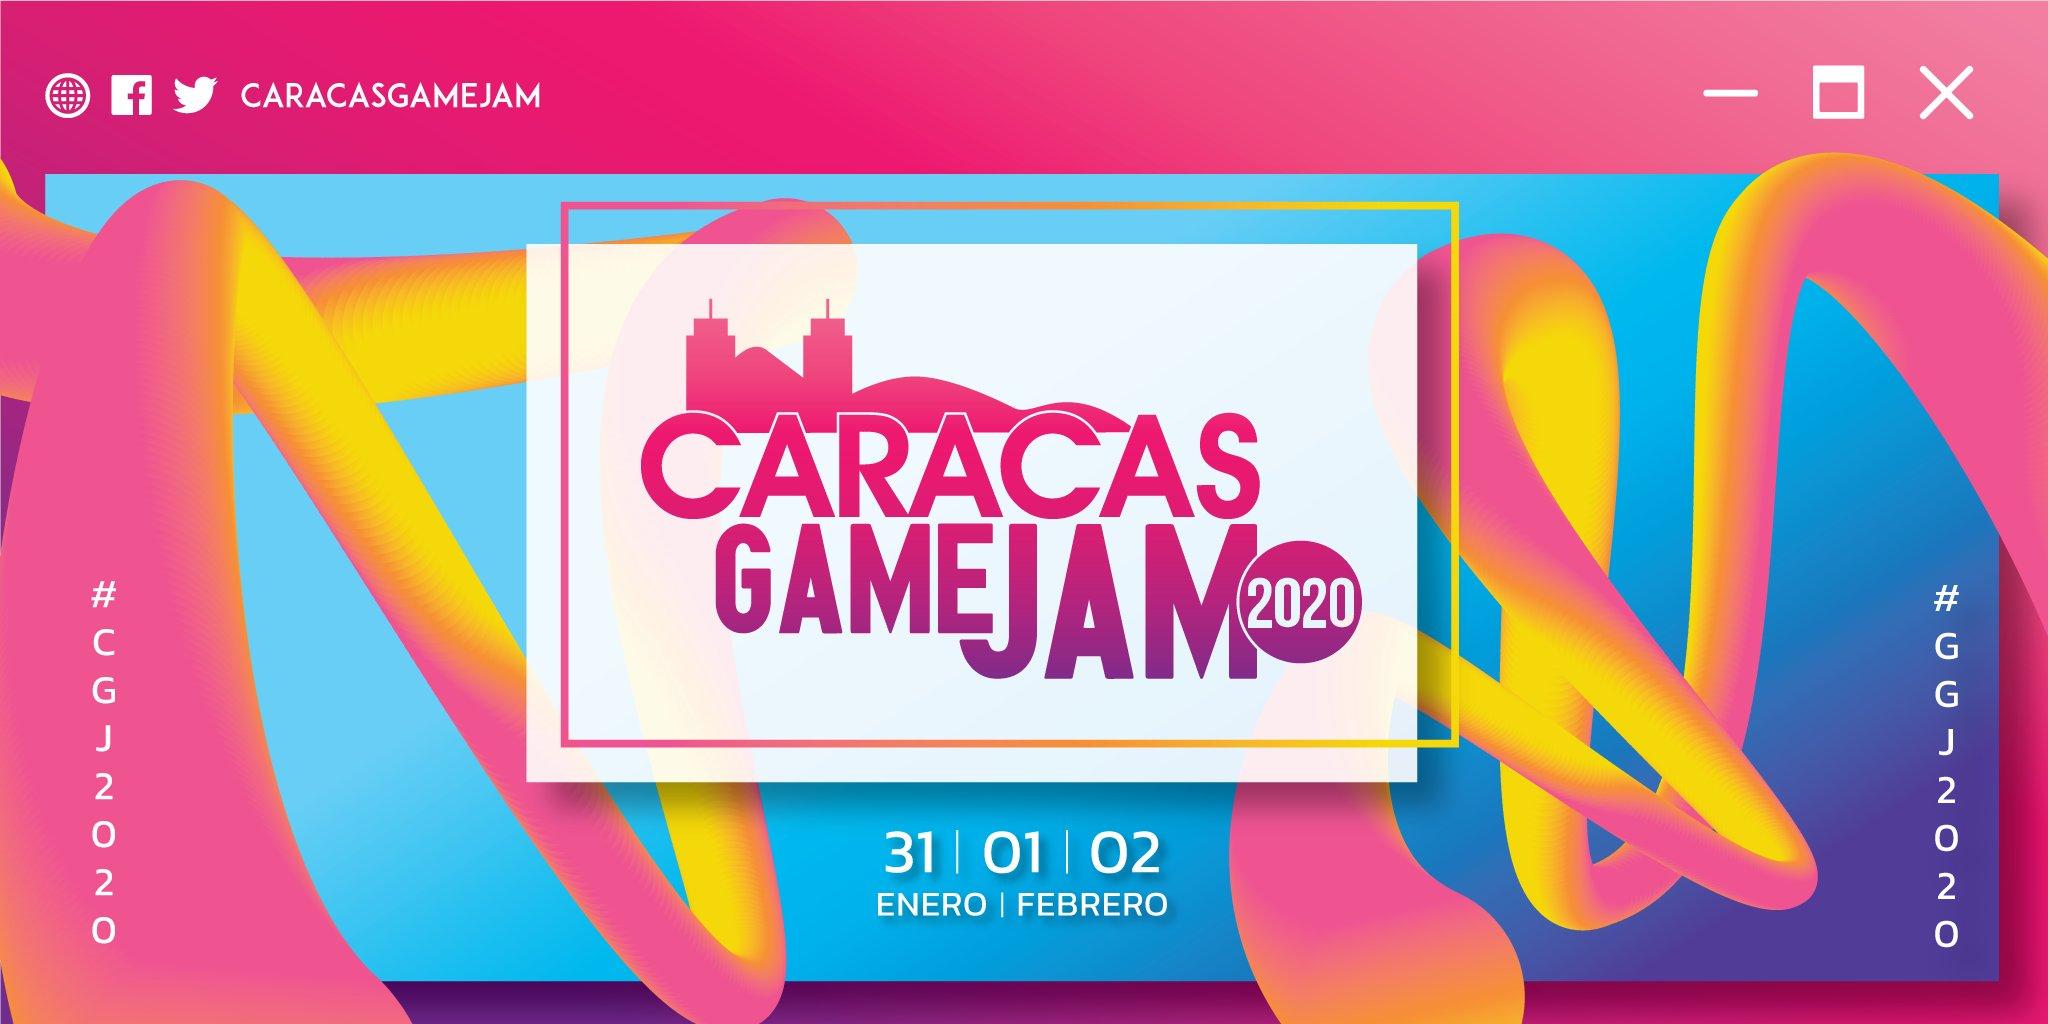 En el Caracas Game Jam 2020, desarrolladores, artistas y diseñadores venezolanos buscarán crear un videojuego que eduque sobre el uso de las criptomonedas